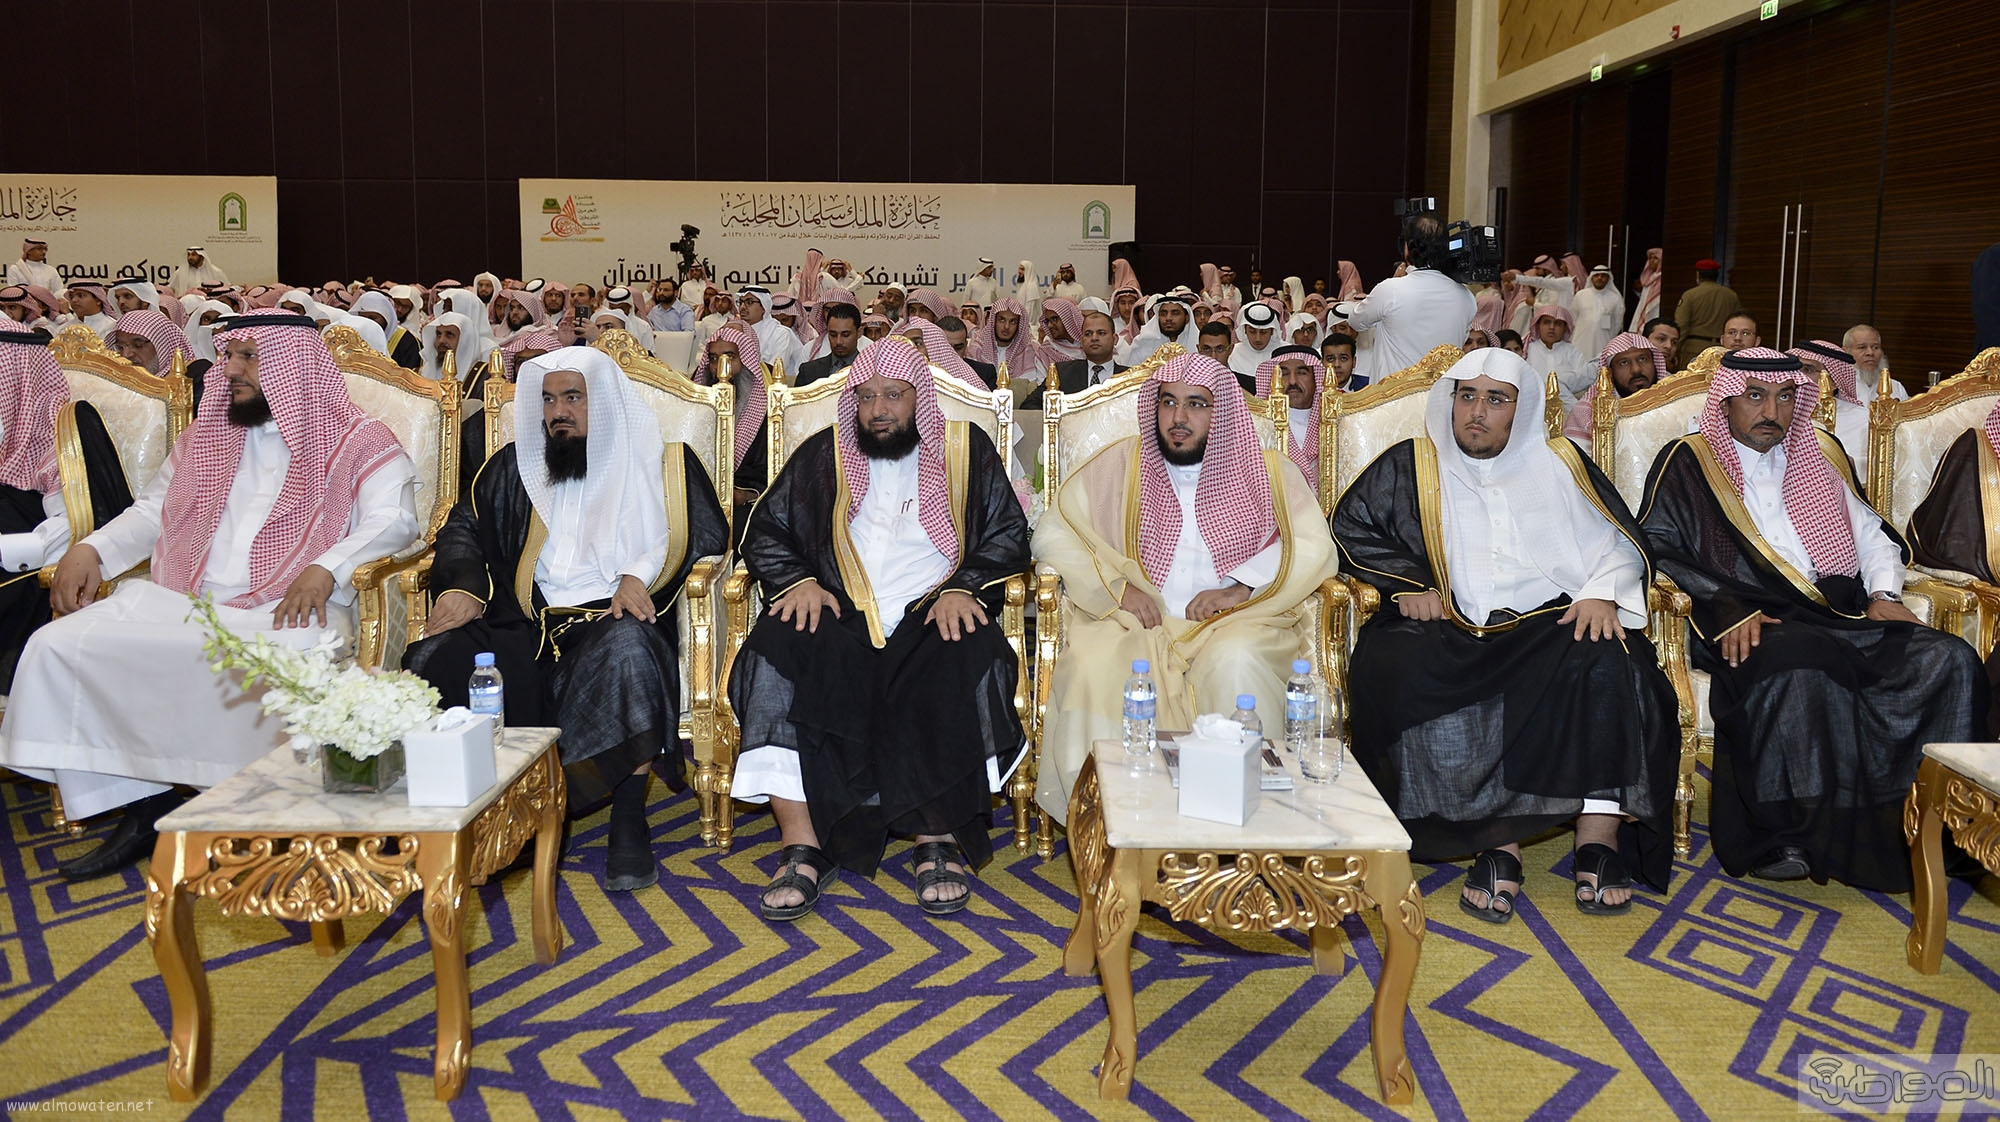 امير منطقة الرياض يرعى حفل اختتام مسابقة جائزة الملك سلمان لحفظ القران الكريم (10)